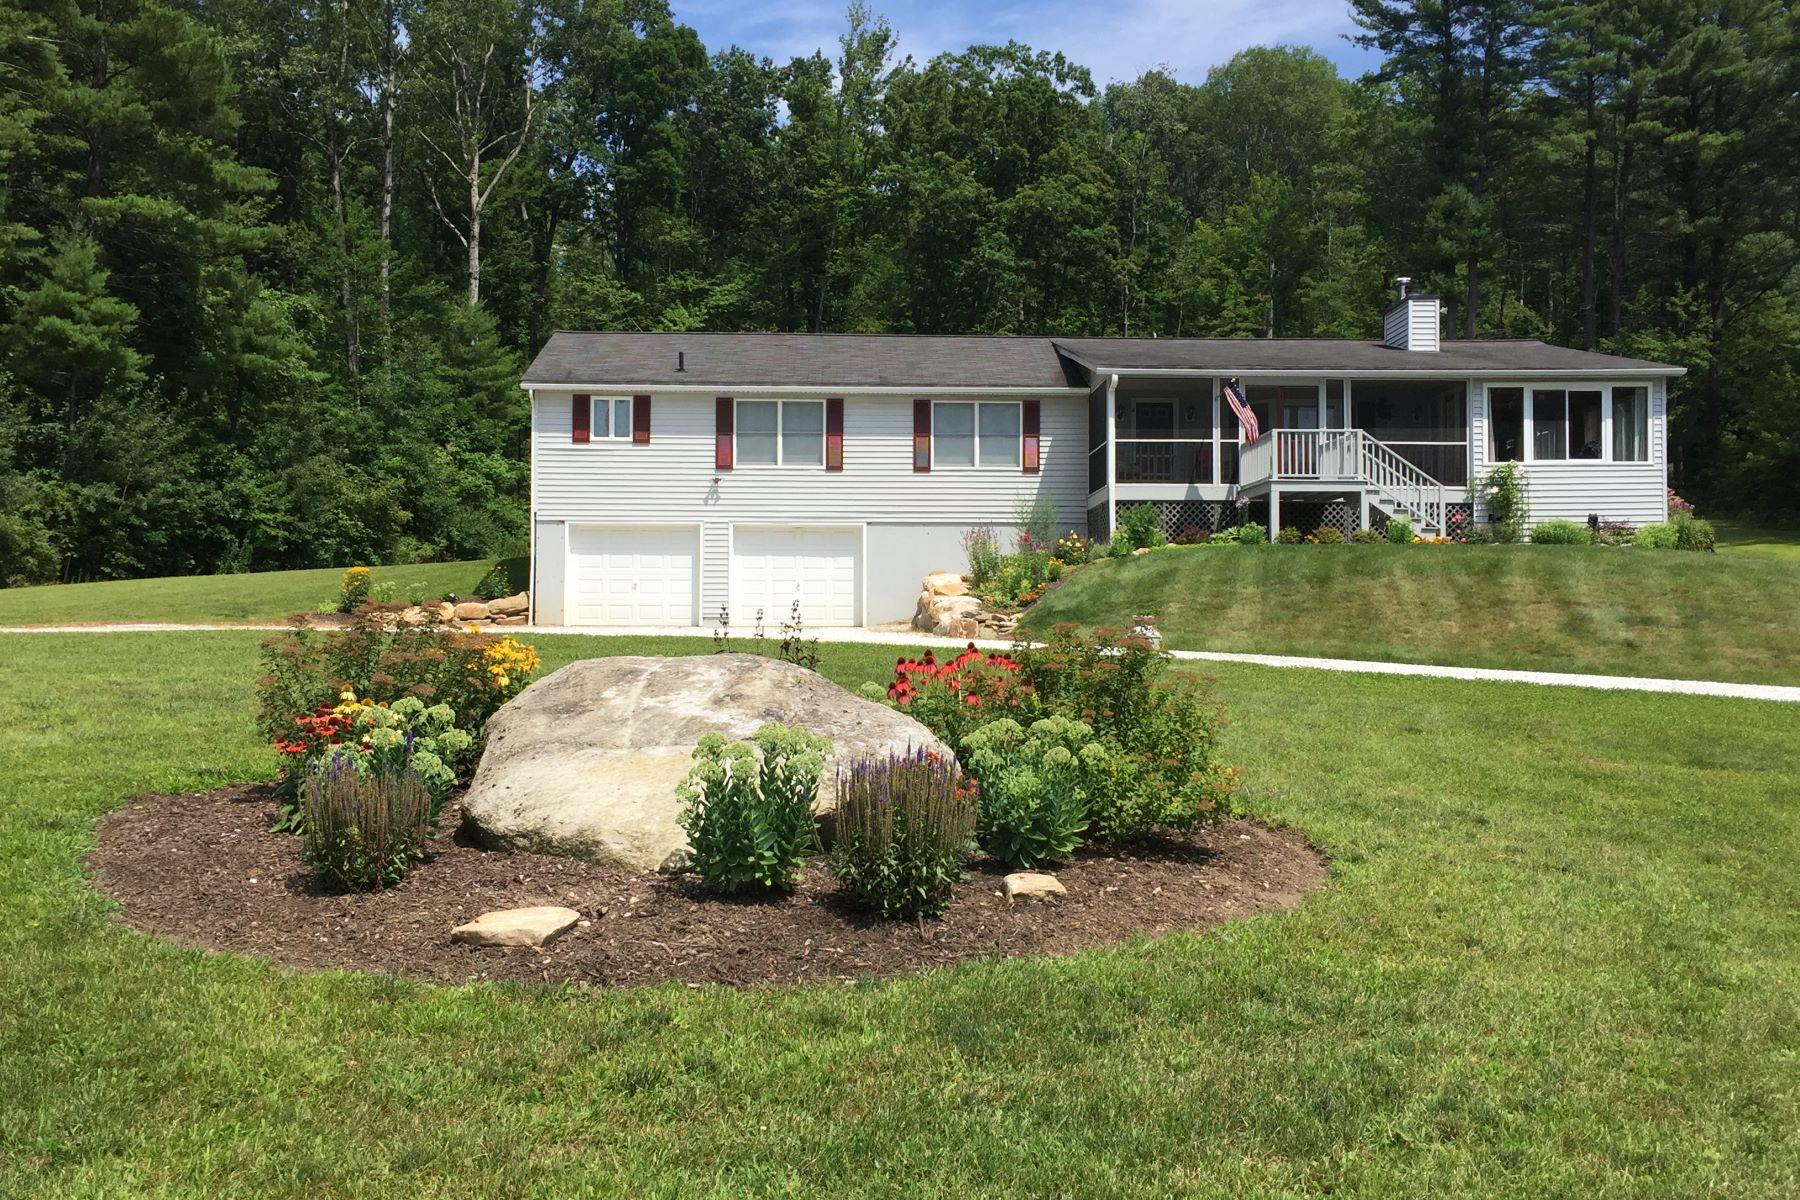 Casa Unifamiliar por un Venta en Impeccable Ranch Home with Mountain Views and Large Yard 181 Bunce Rd Sheffield, Massachusetts 01222 Estados Unidos